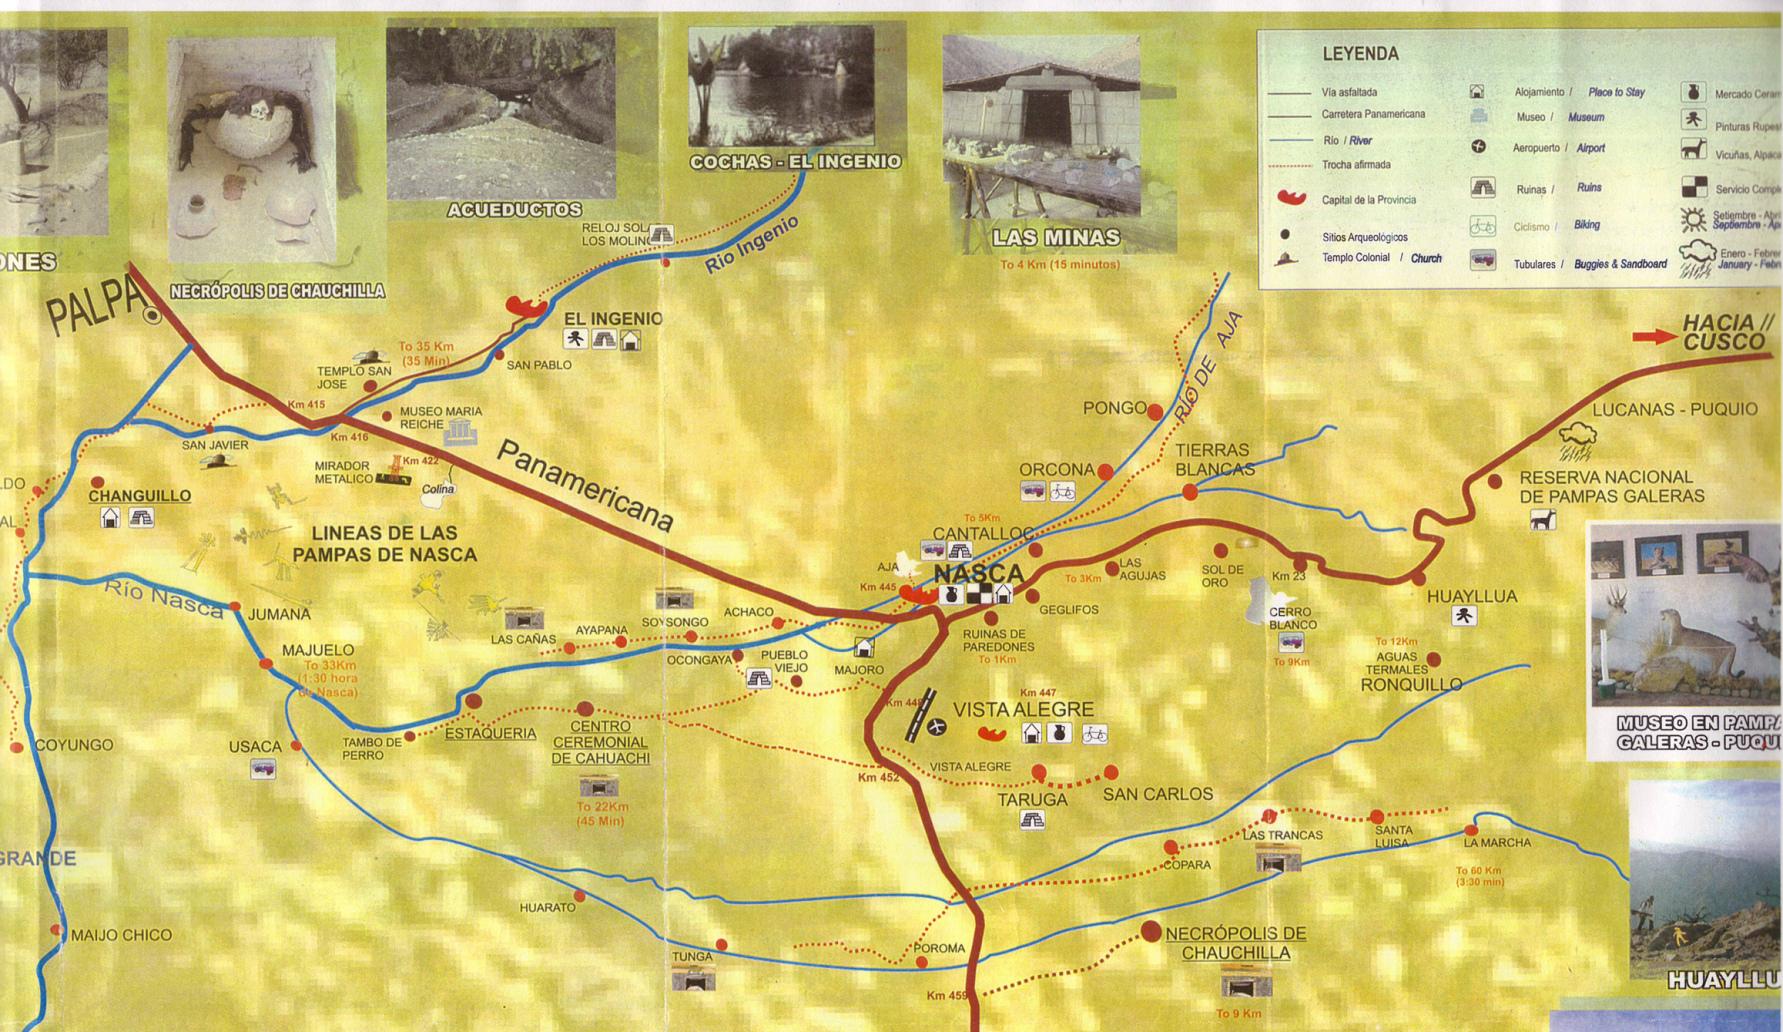 Plano De Cultura Sur Butte-1337